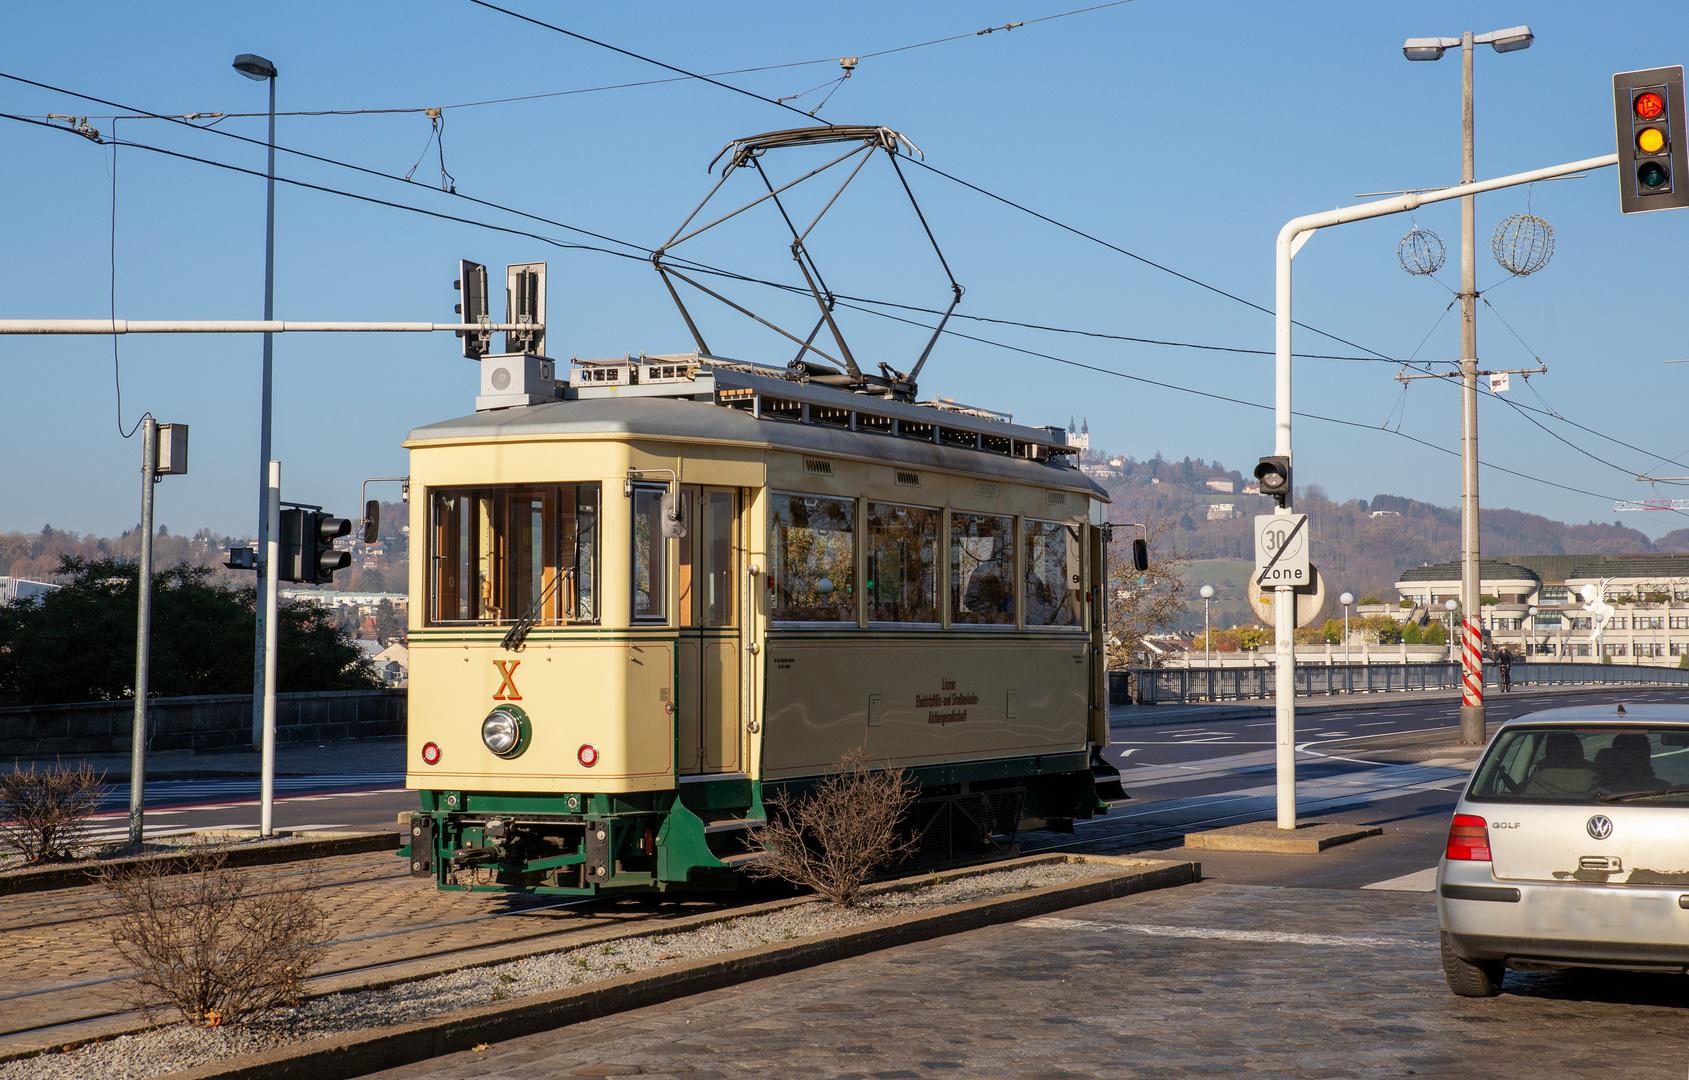 Triebwagen X der Pöstlingbergbahn